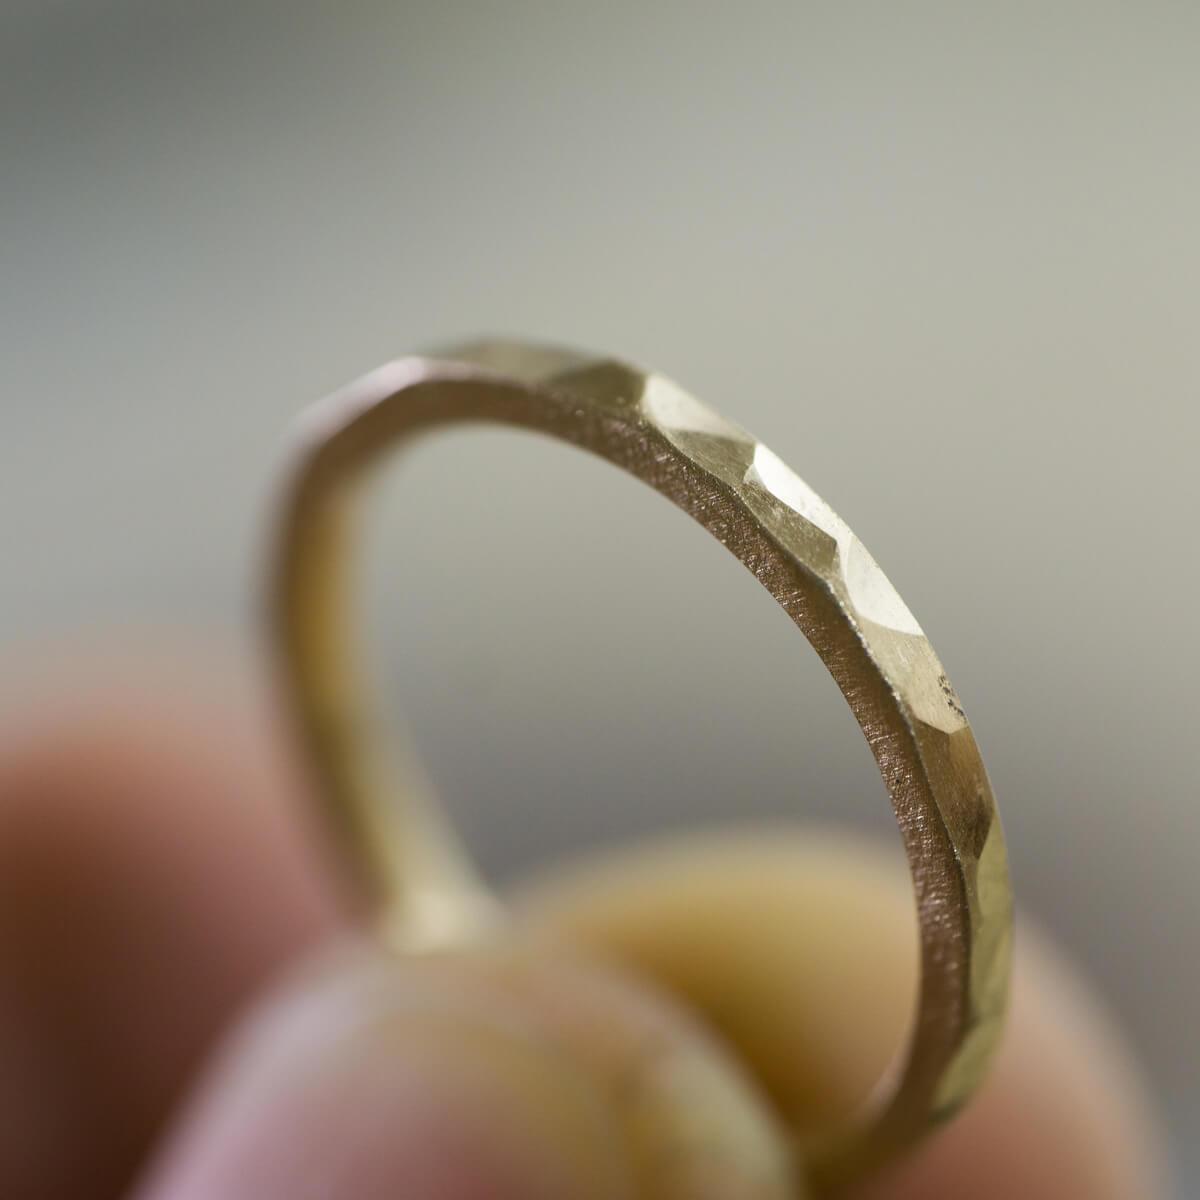 その2 オーダーメイドマリッジリングの制作風景 ジュエリーのアトリエ ゴールドリング 屋久島でつくる結婚指輪